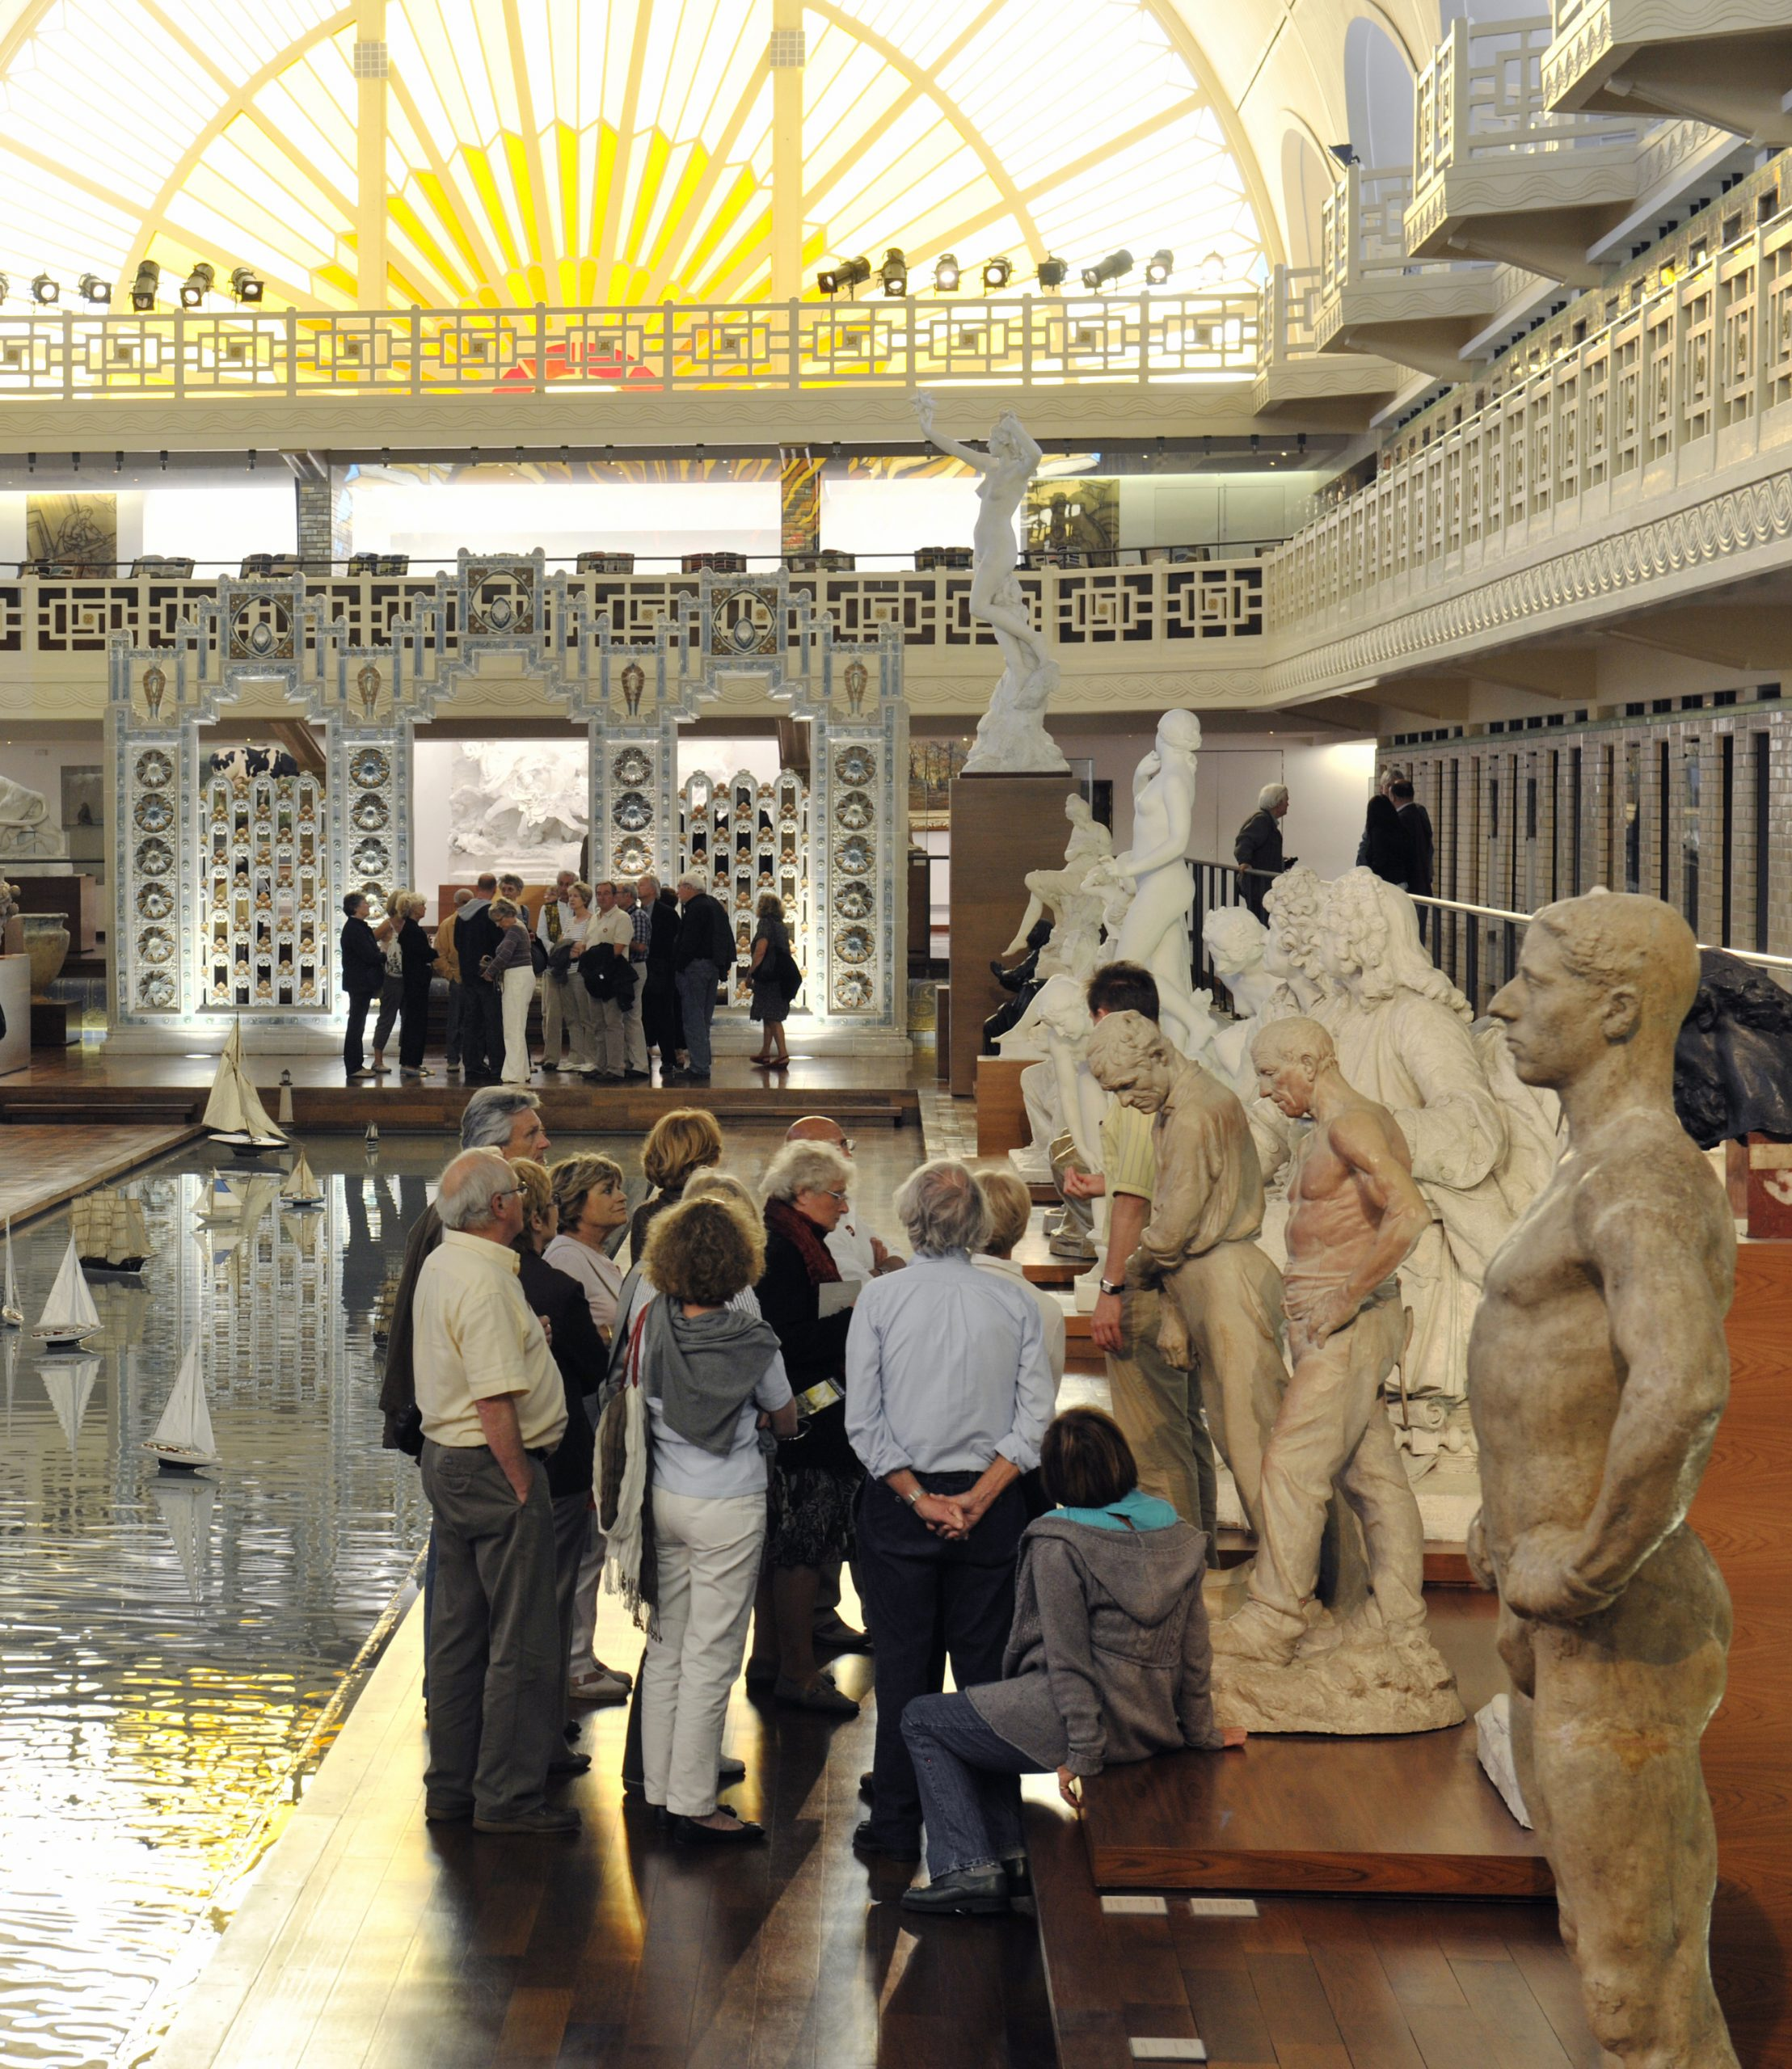 Visites Guidées En Groupe Au Musée D'art Et D'industrie De ... tout Piscine Roubaix Horaires